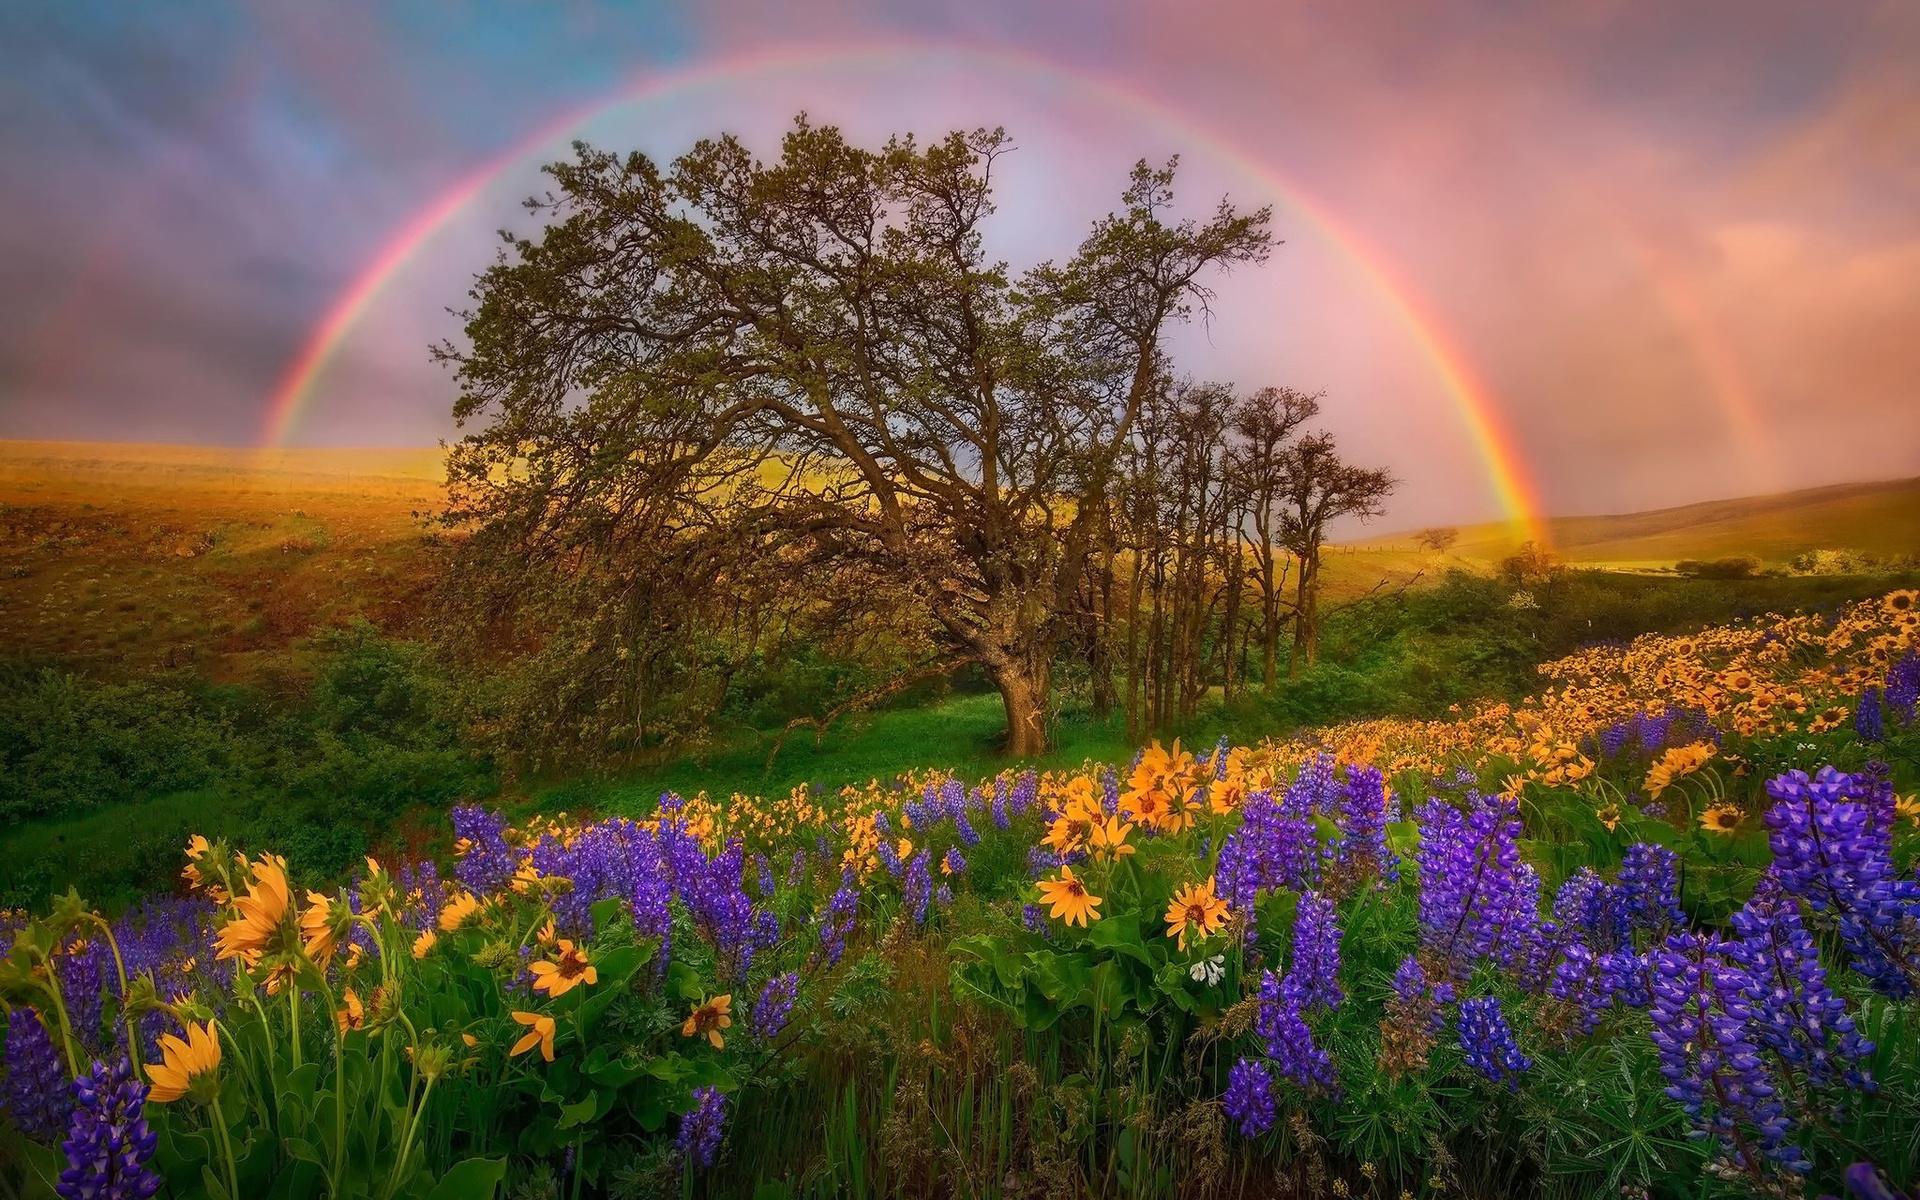 если семья фото природа цветы радугой пришелся душе монохромный